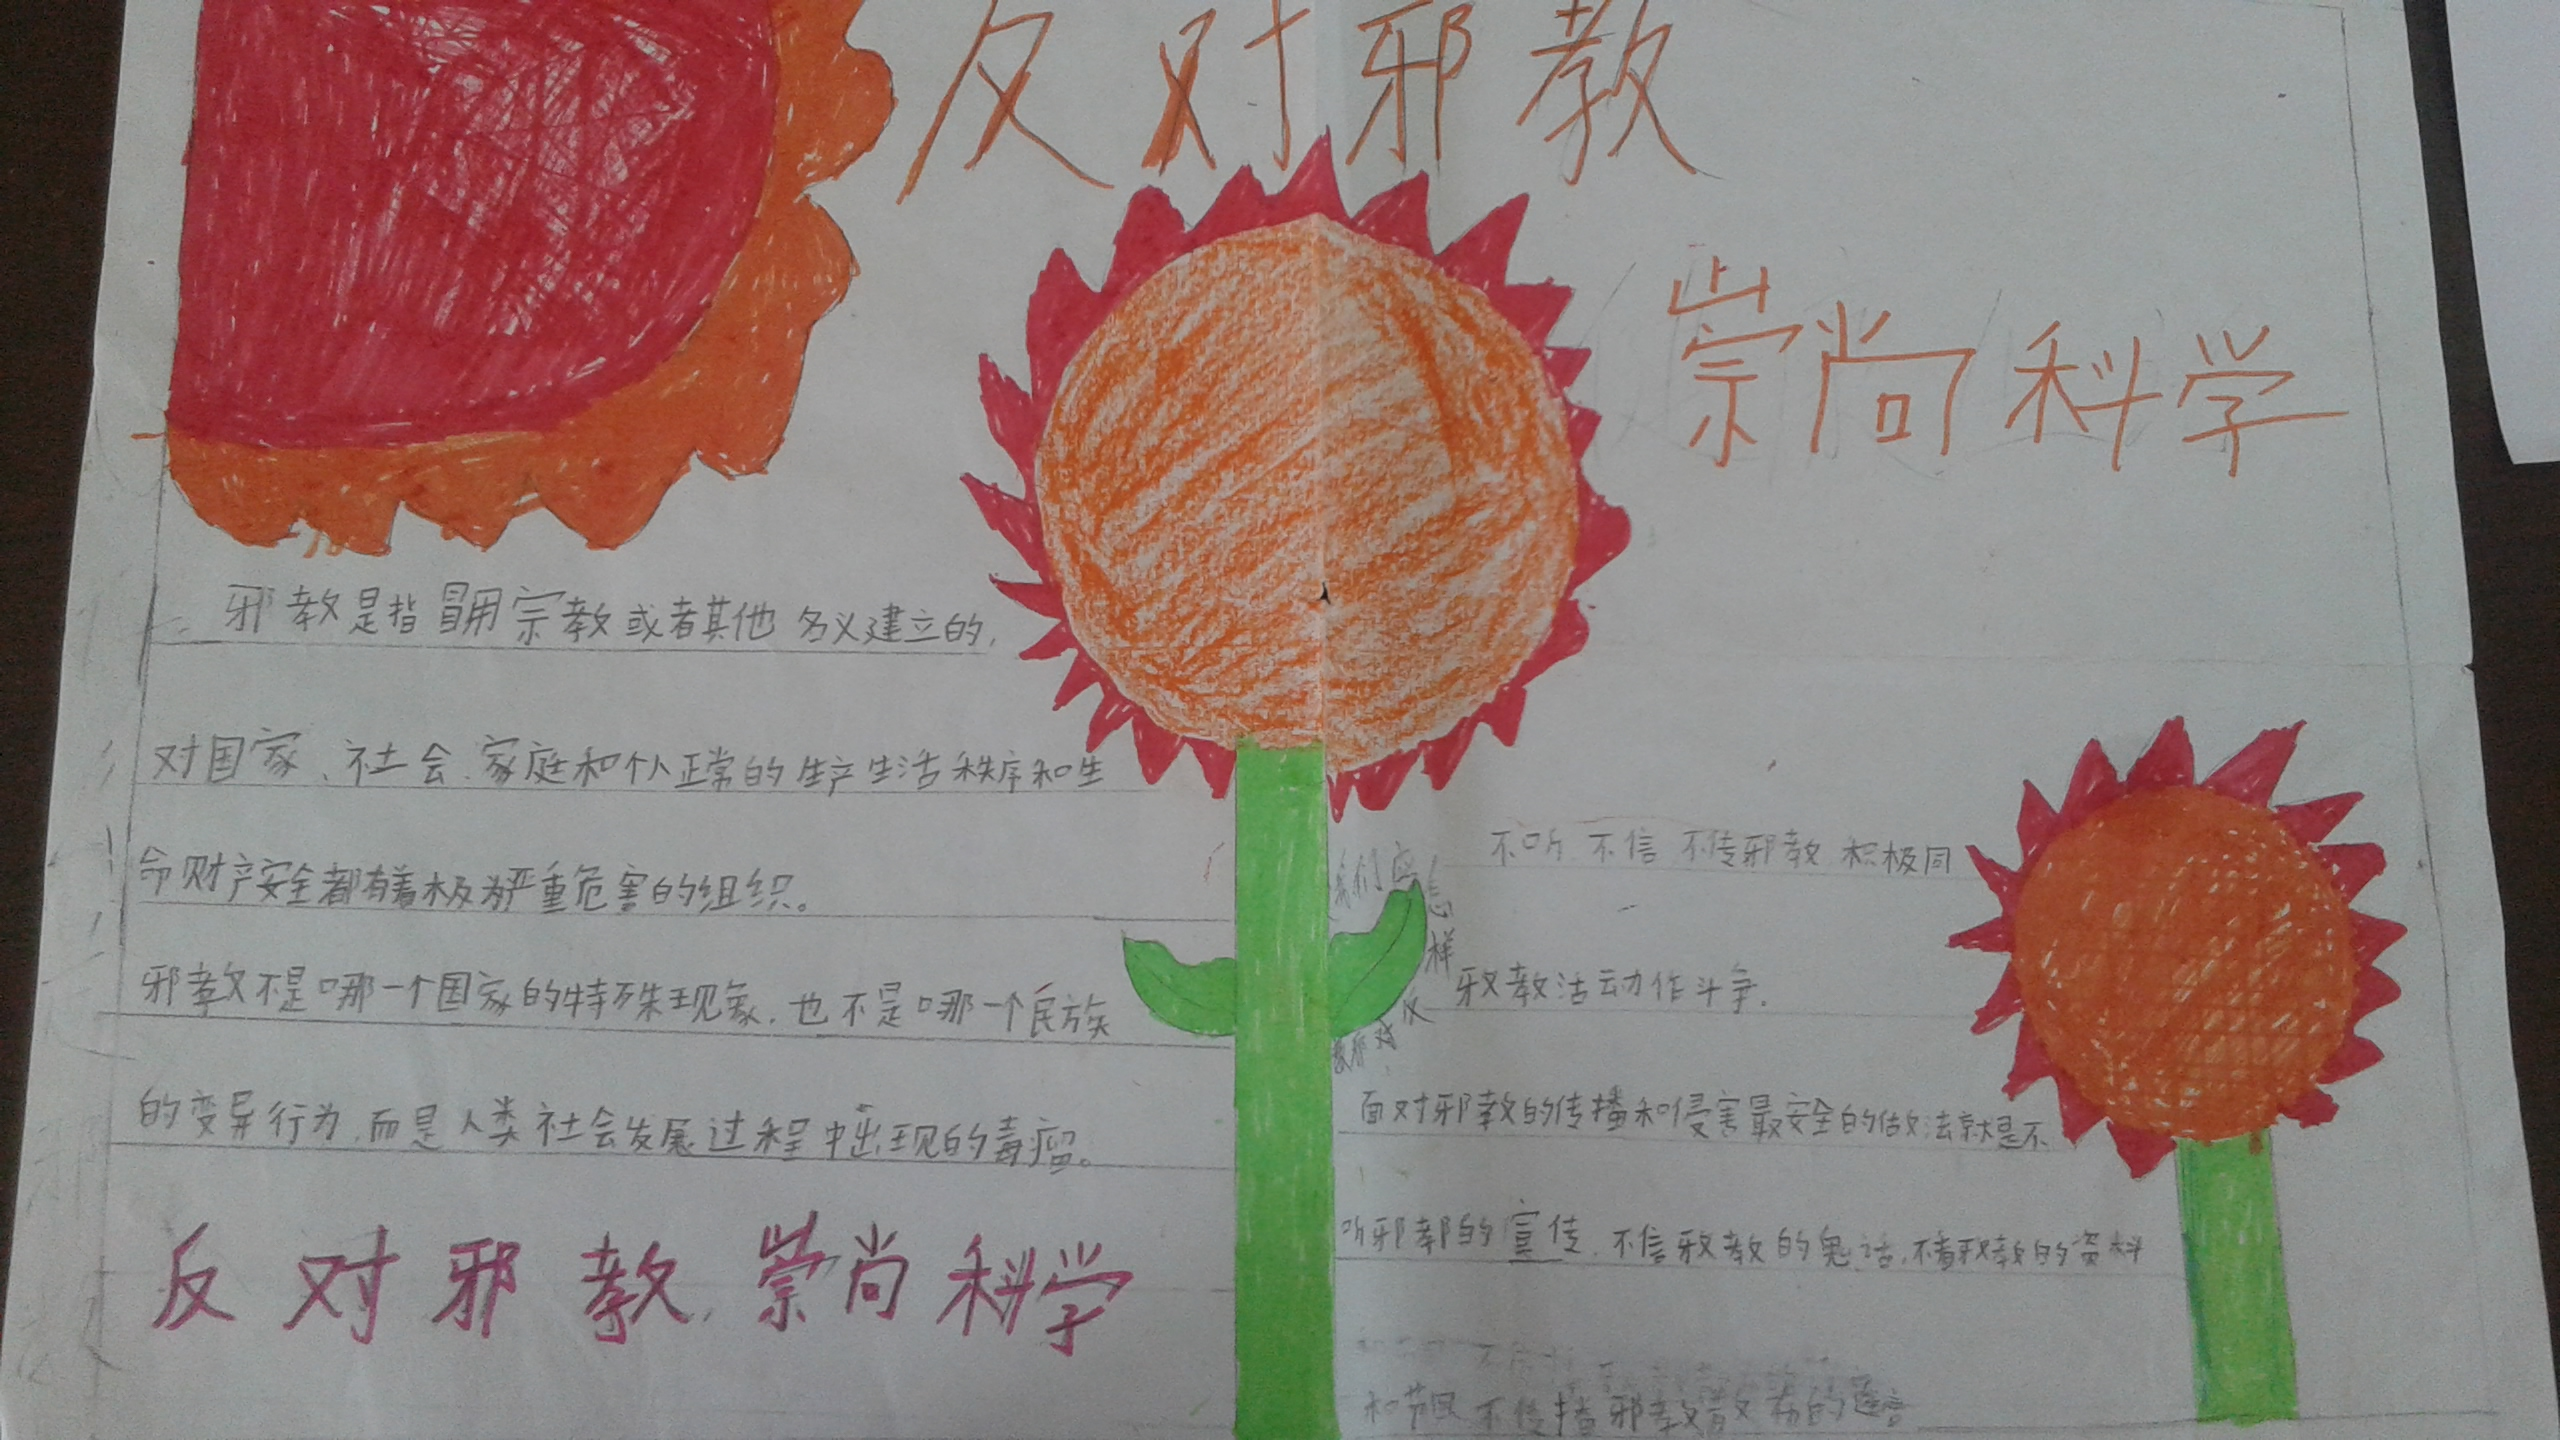 尚店镇回族小学崇尚科学反对邪教手抄报大赛作品展示一